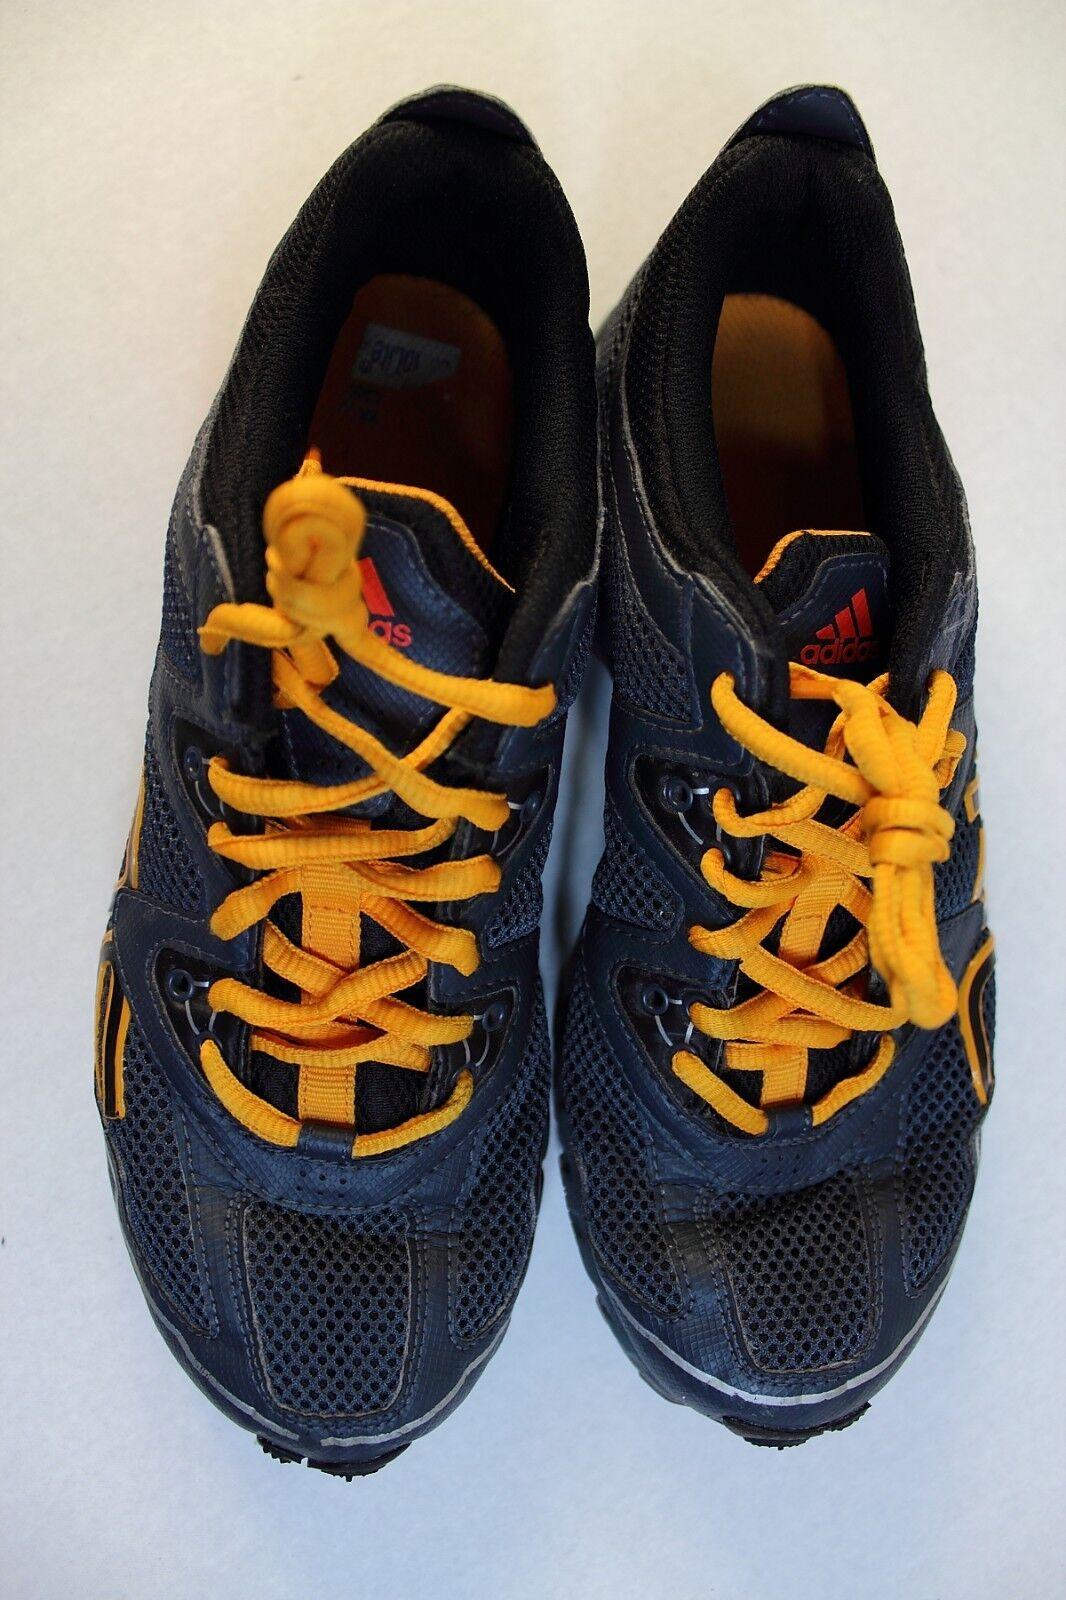 buy online 14598 d983f ... Adidas 105449246 Athletic Shoes Men Men Men Size 5.5 2c1520 ...